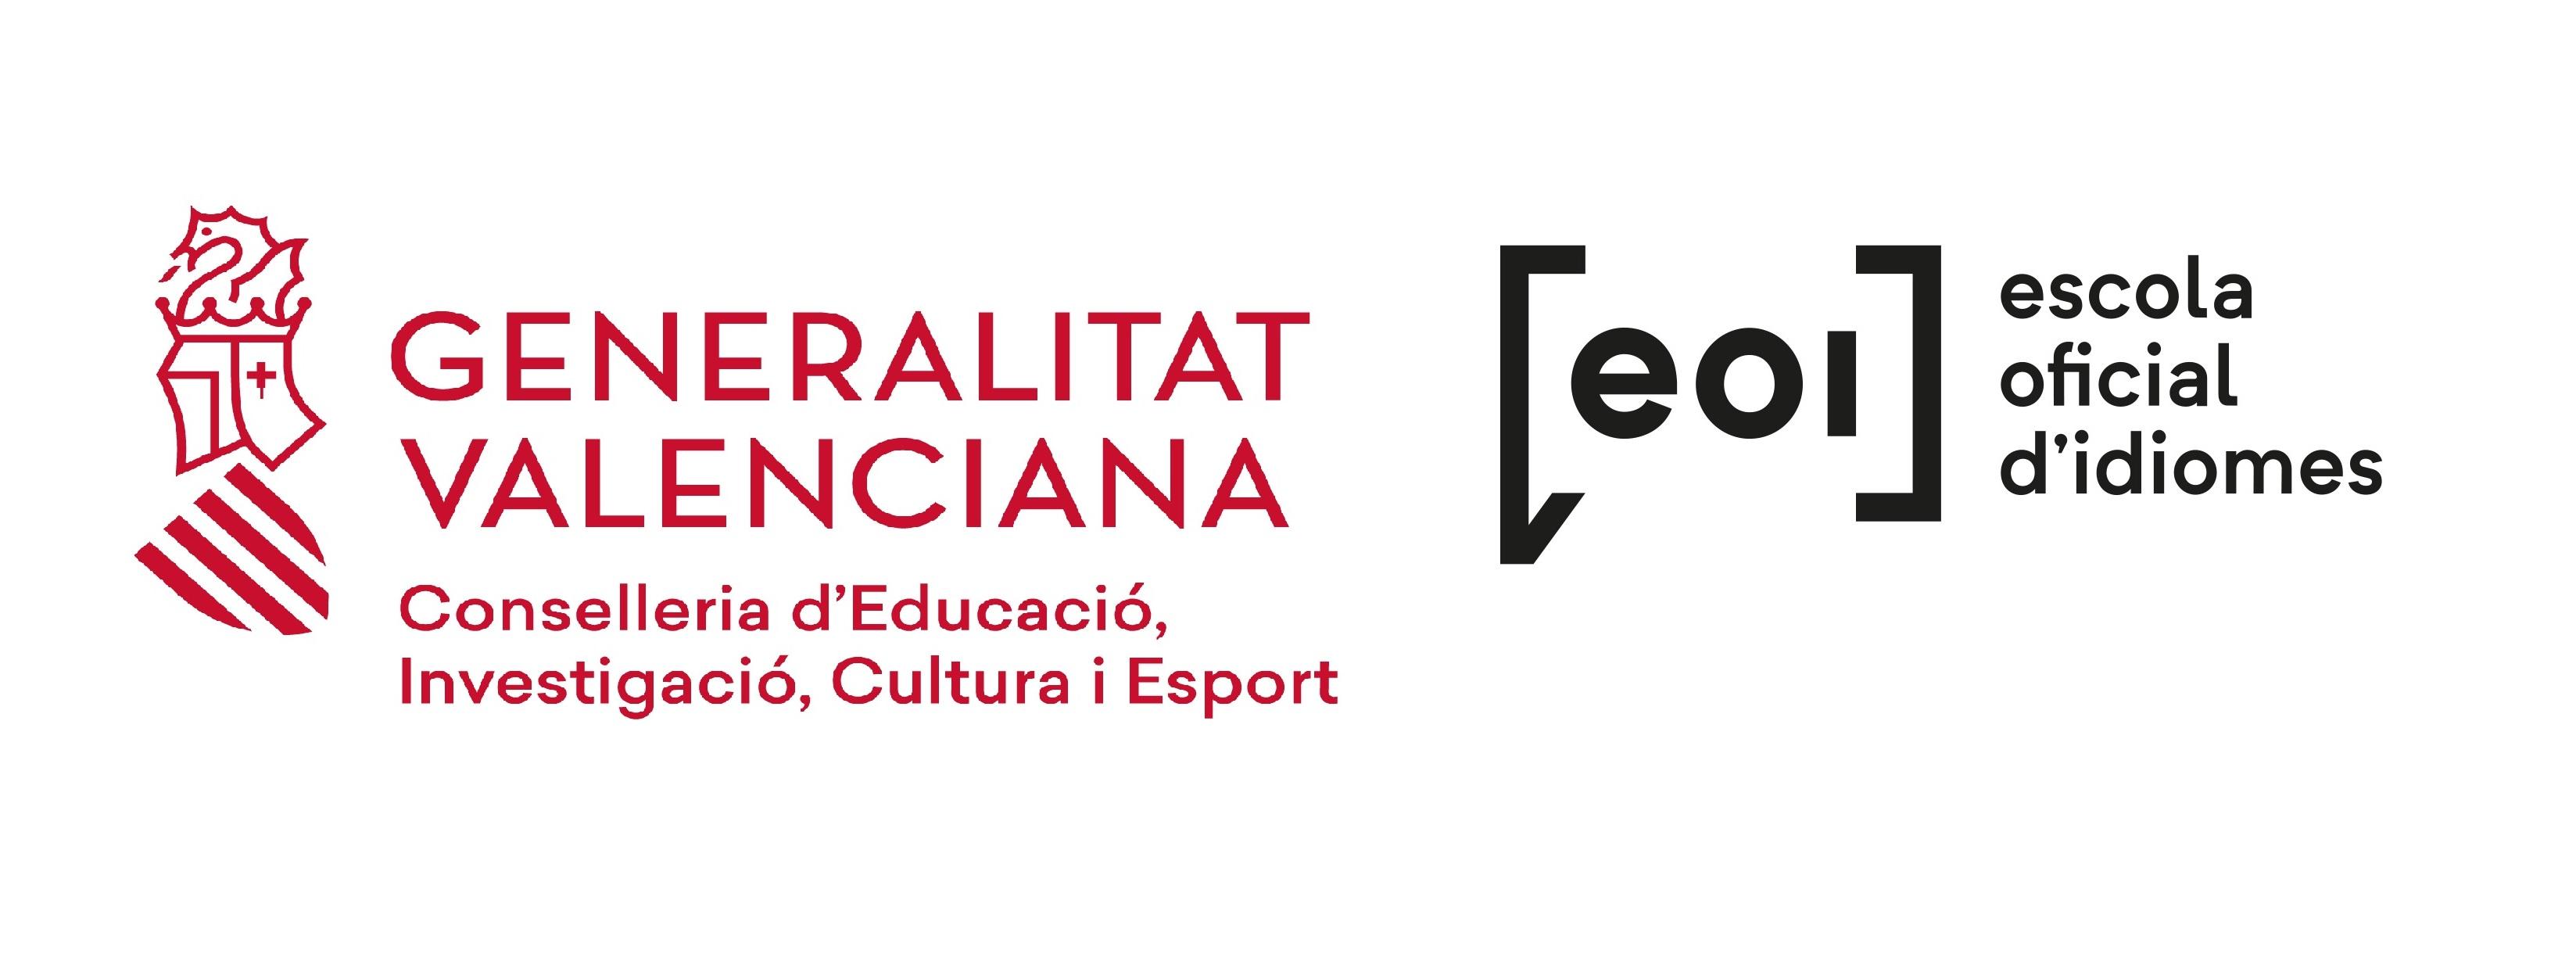 Conselleria amplía hasta el 20 de septiembre la admisión extraordinaria en  las escuelas oficiales de idiomas – BÉTERA – toda la información del  Bétera, Valencia